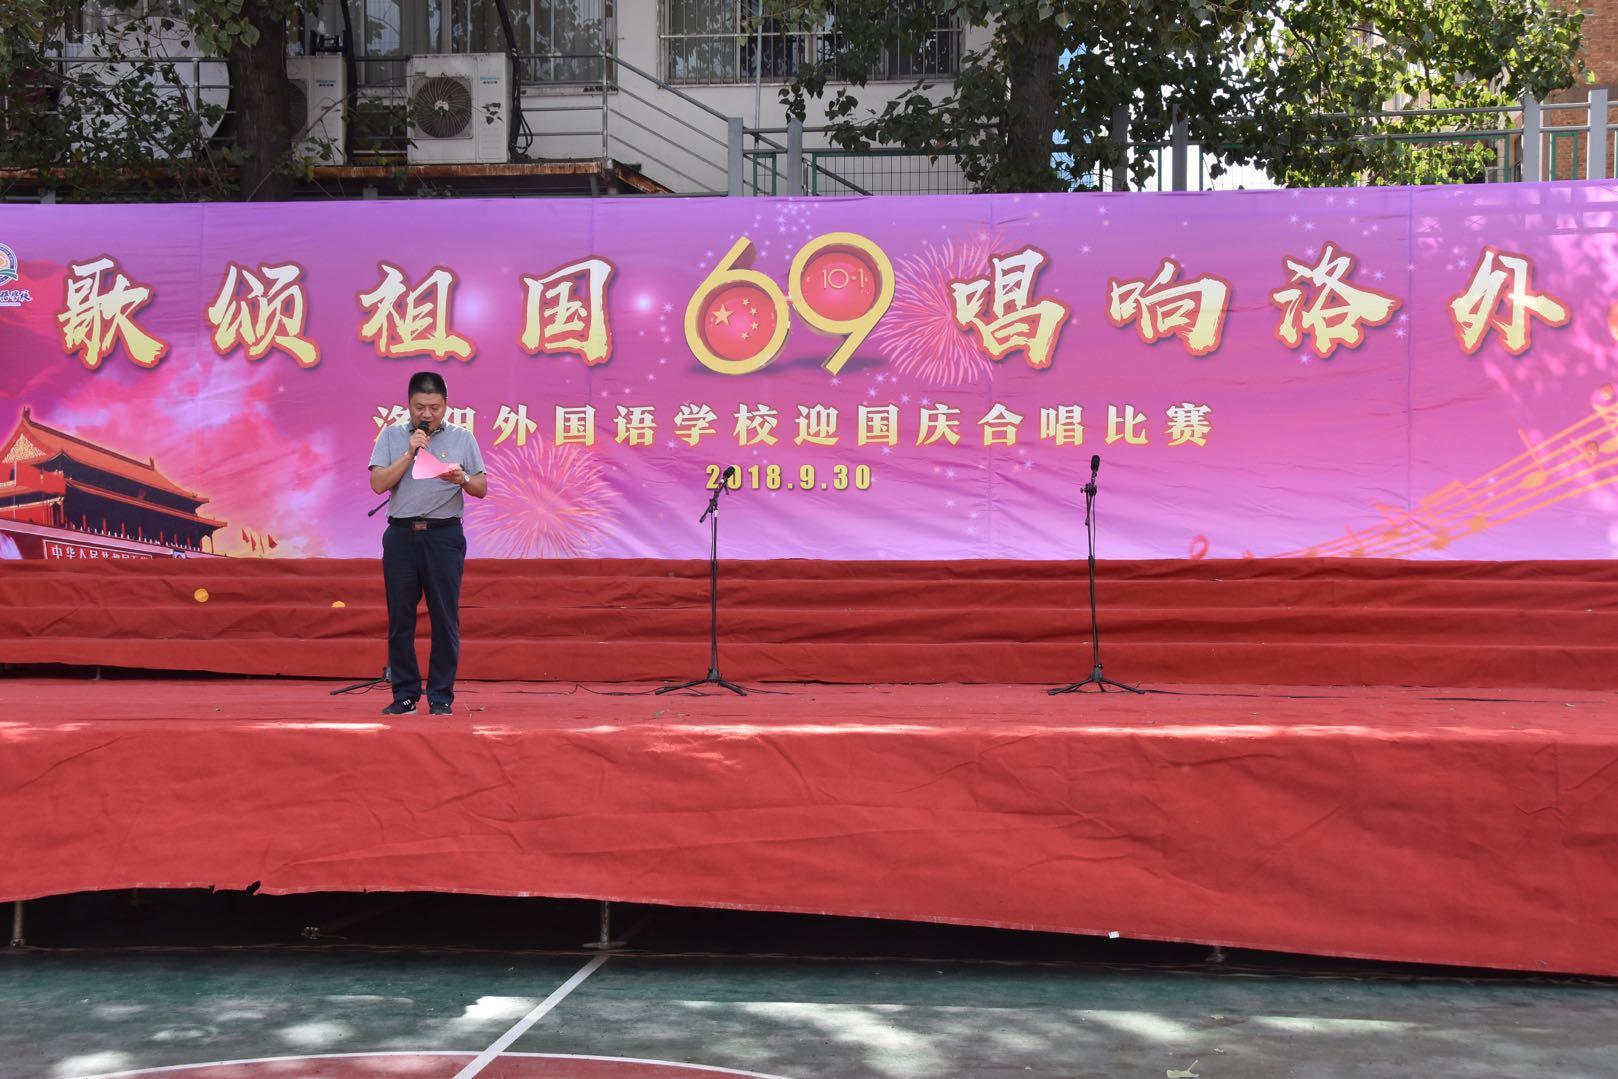 歌颂祖国,唱响洛外--洛外东校区举行庆国庆合唱比赛